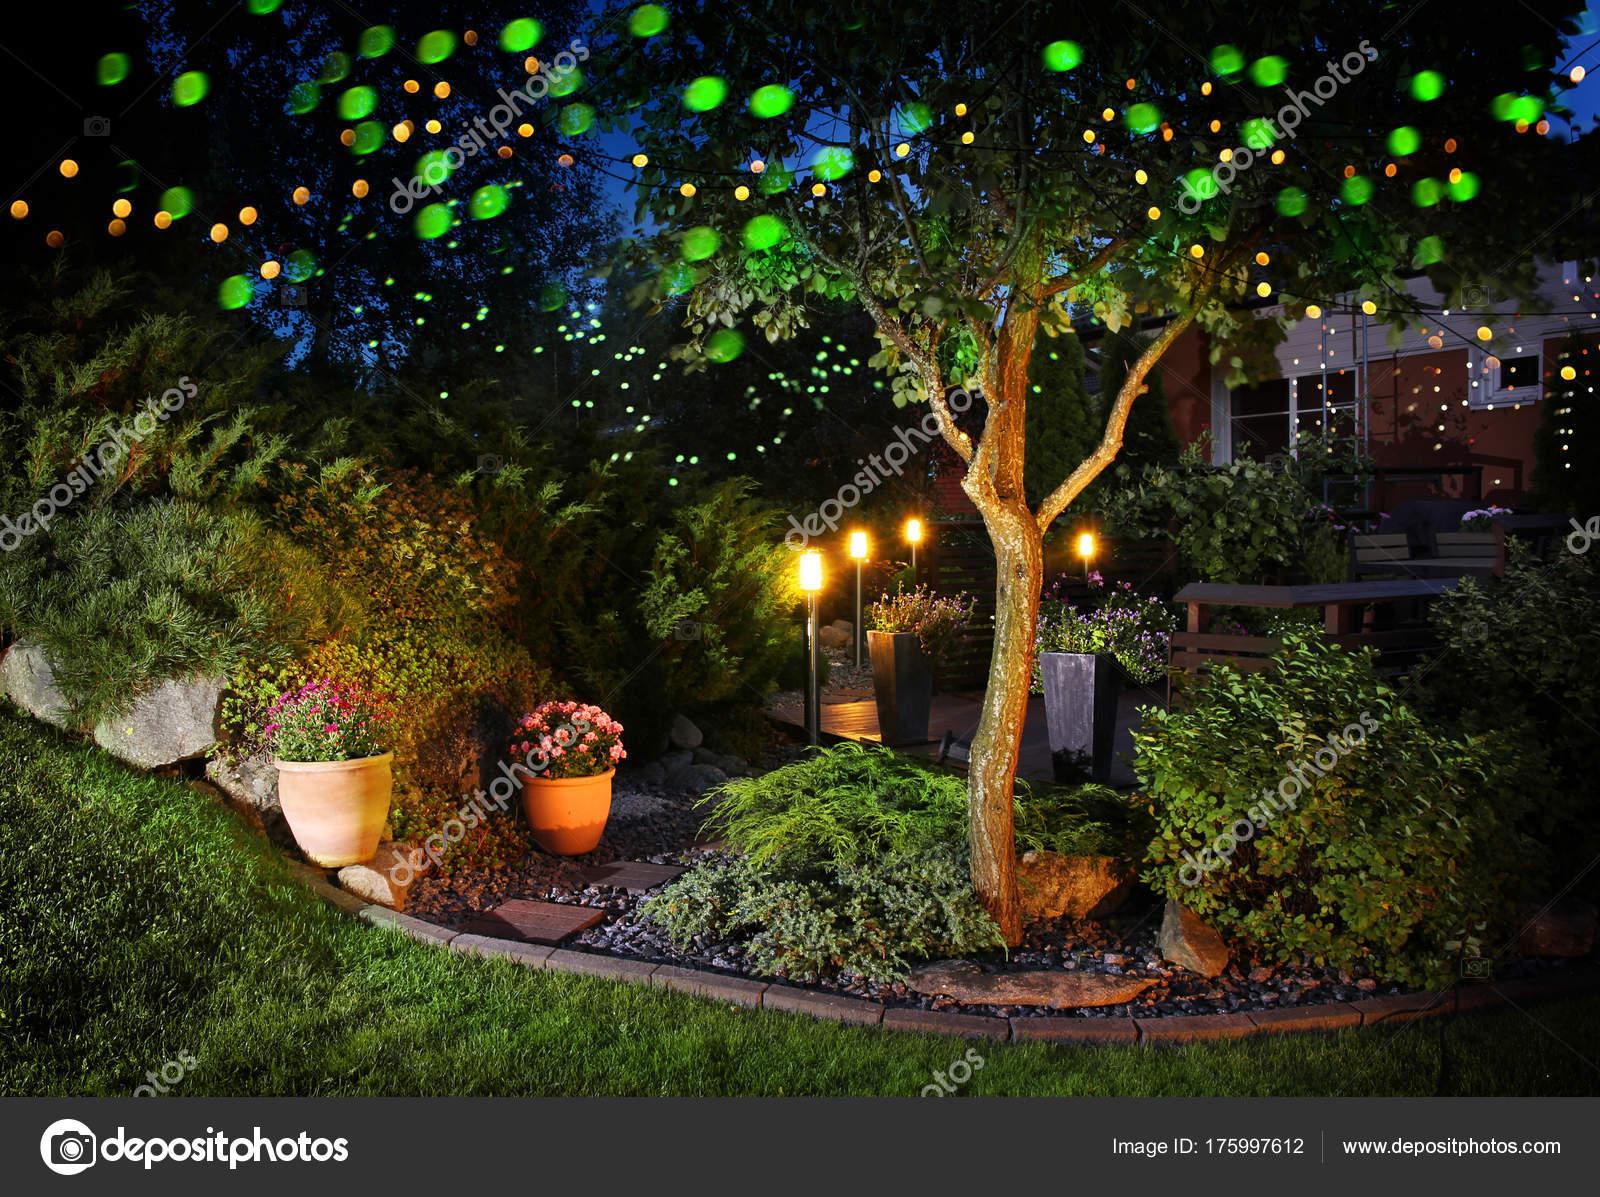 home garten festliche beleuchtung lichter — stockfoto © anterovium